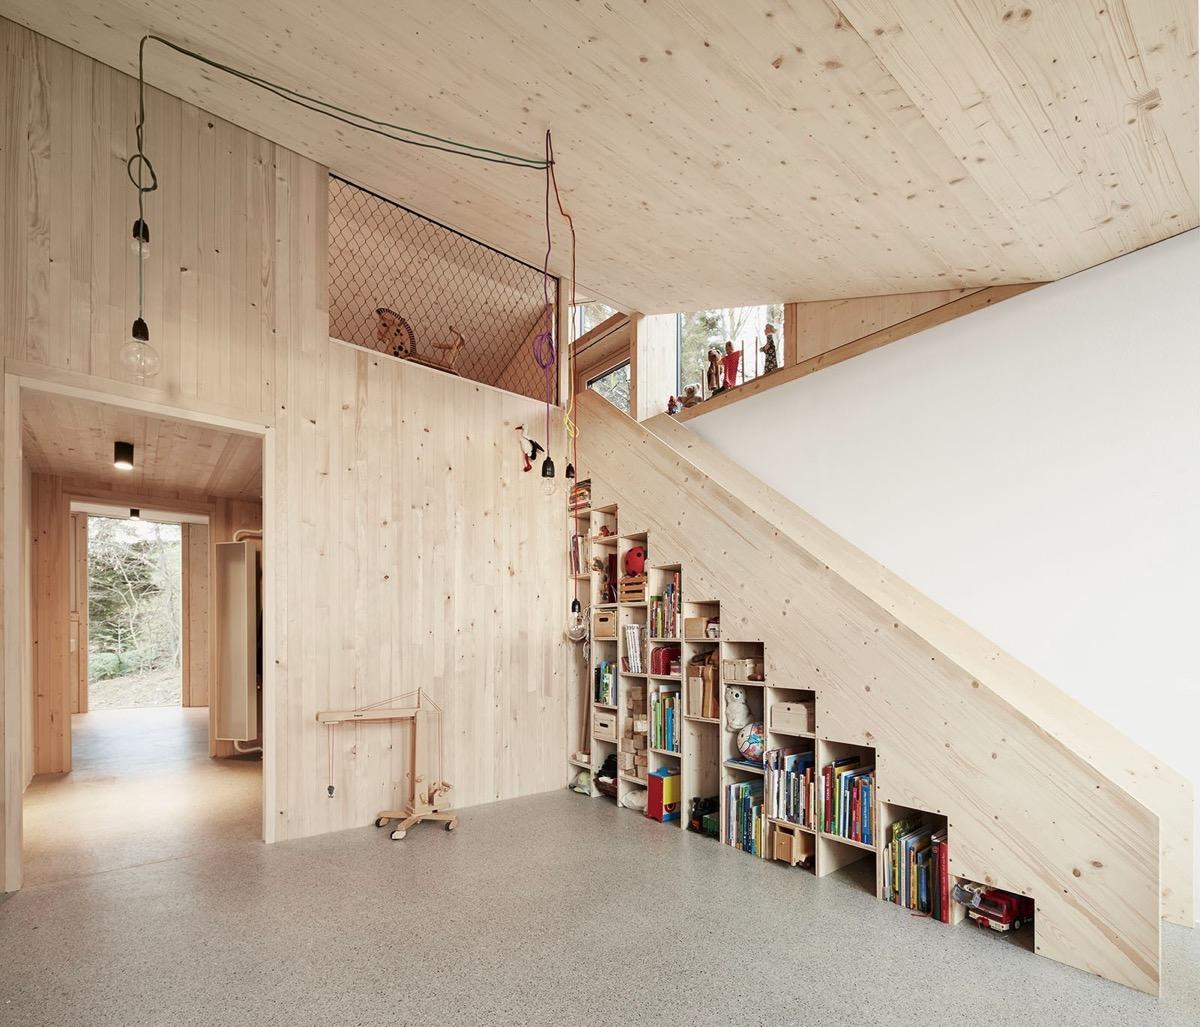 minimalist-stairway-storage-white